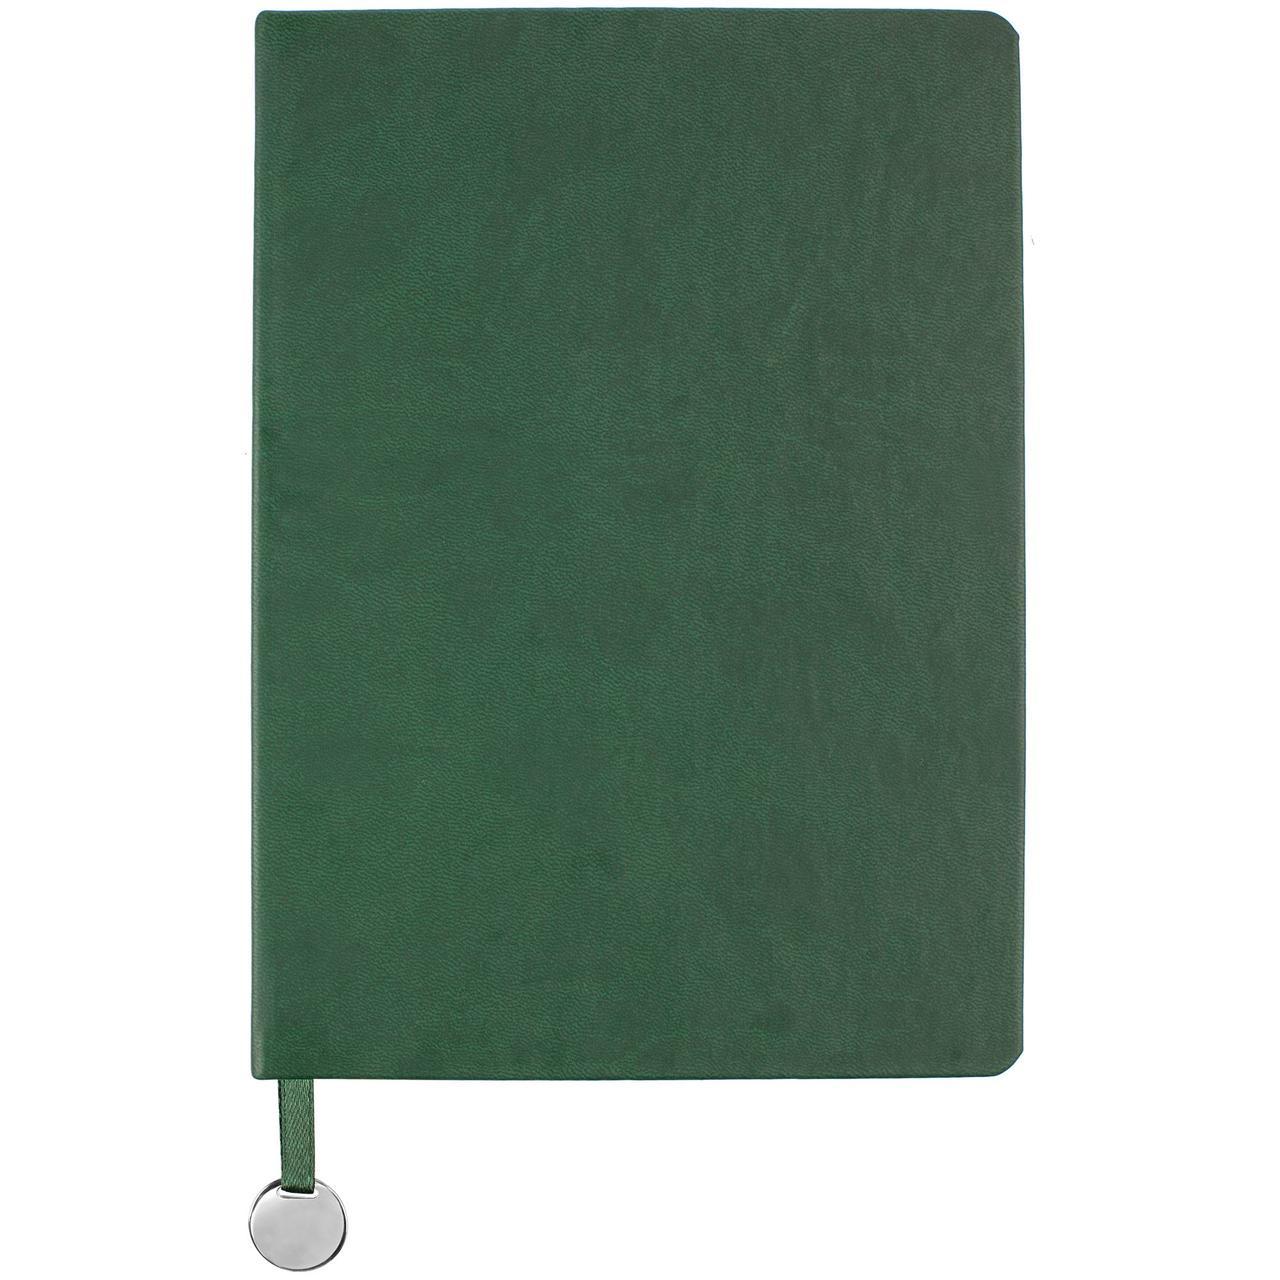 Ежедневник Exact, недатированный, зеленый (артикул 7882.90)